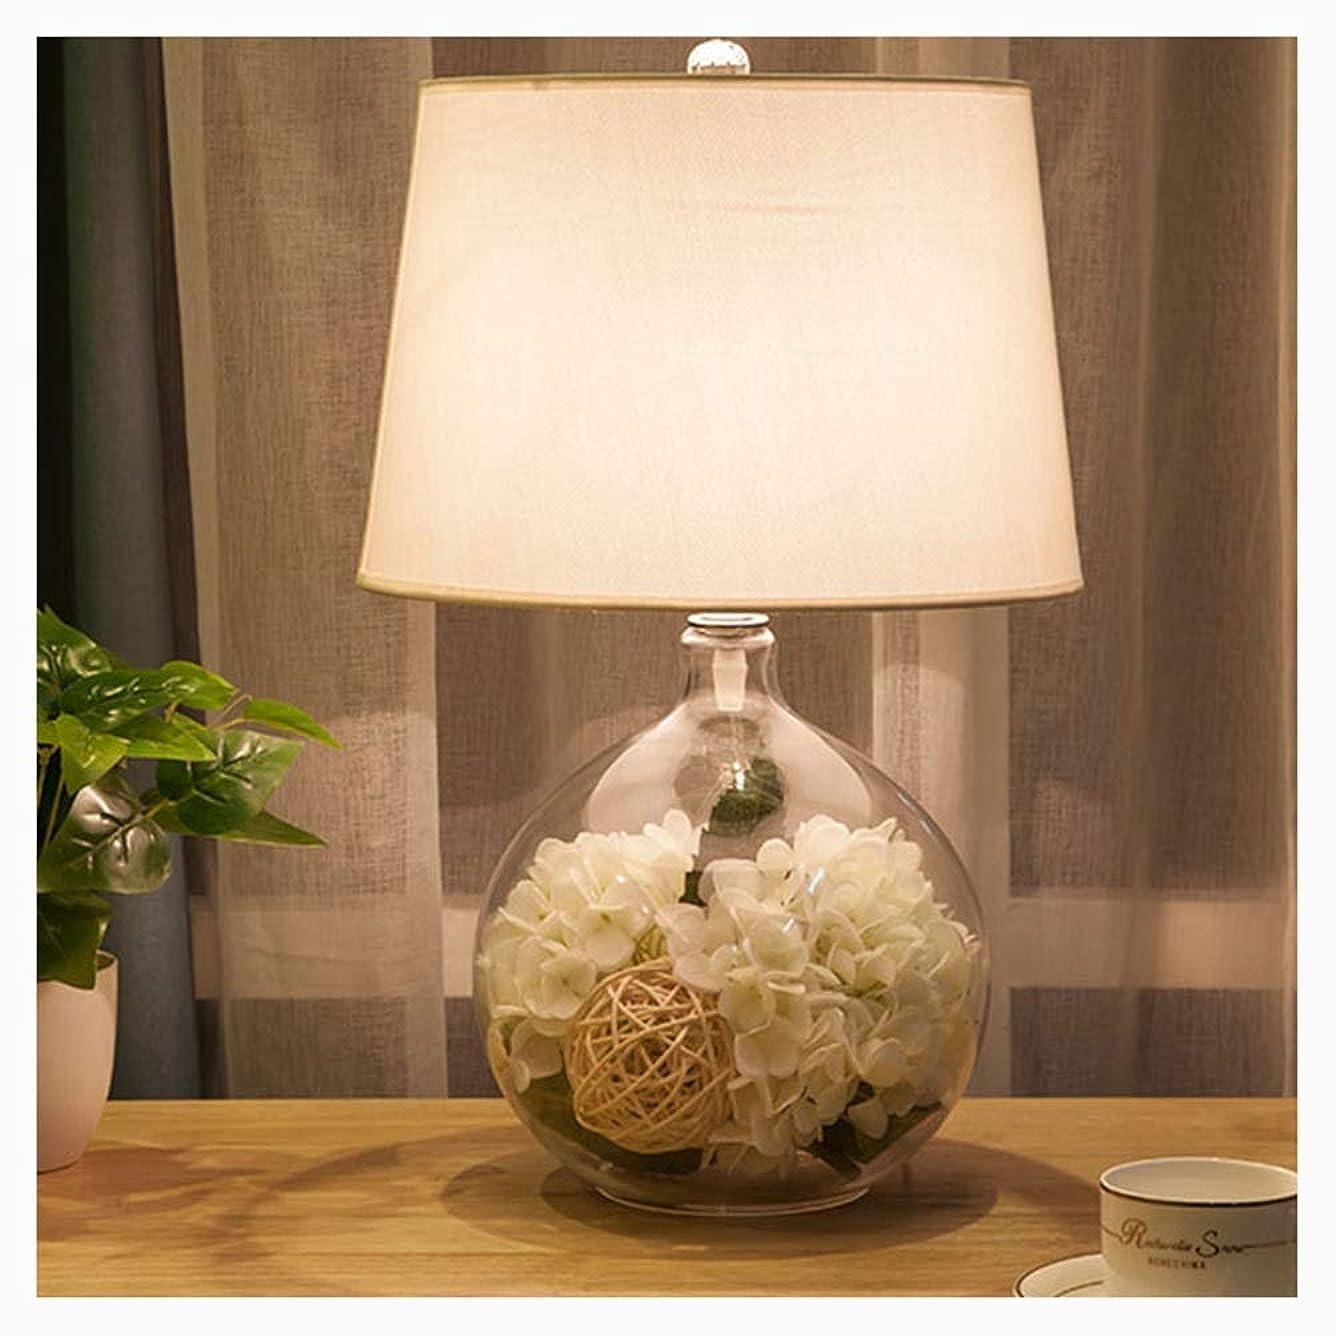 揃える再生矢じりBQZA テーブルランプ、リビングルームファミリーベッドルームベッドサイドテーブル、テーブルランプ、布製サンシェードベッドサイドカウンターランプ、アイプロテクションテーブルランプ、40W (Color : White)